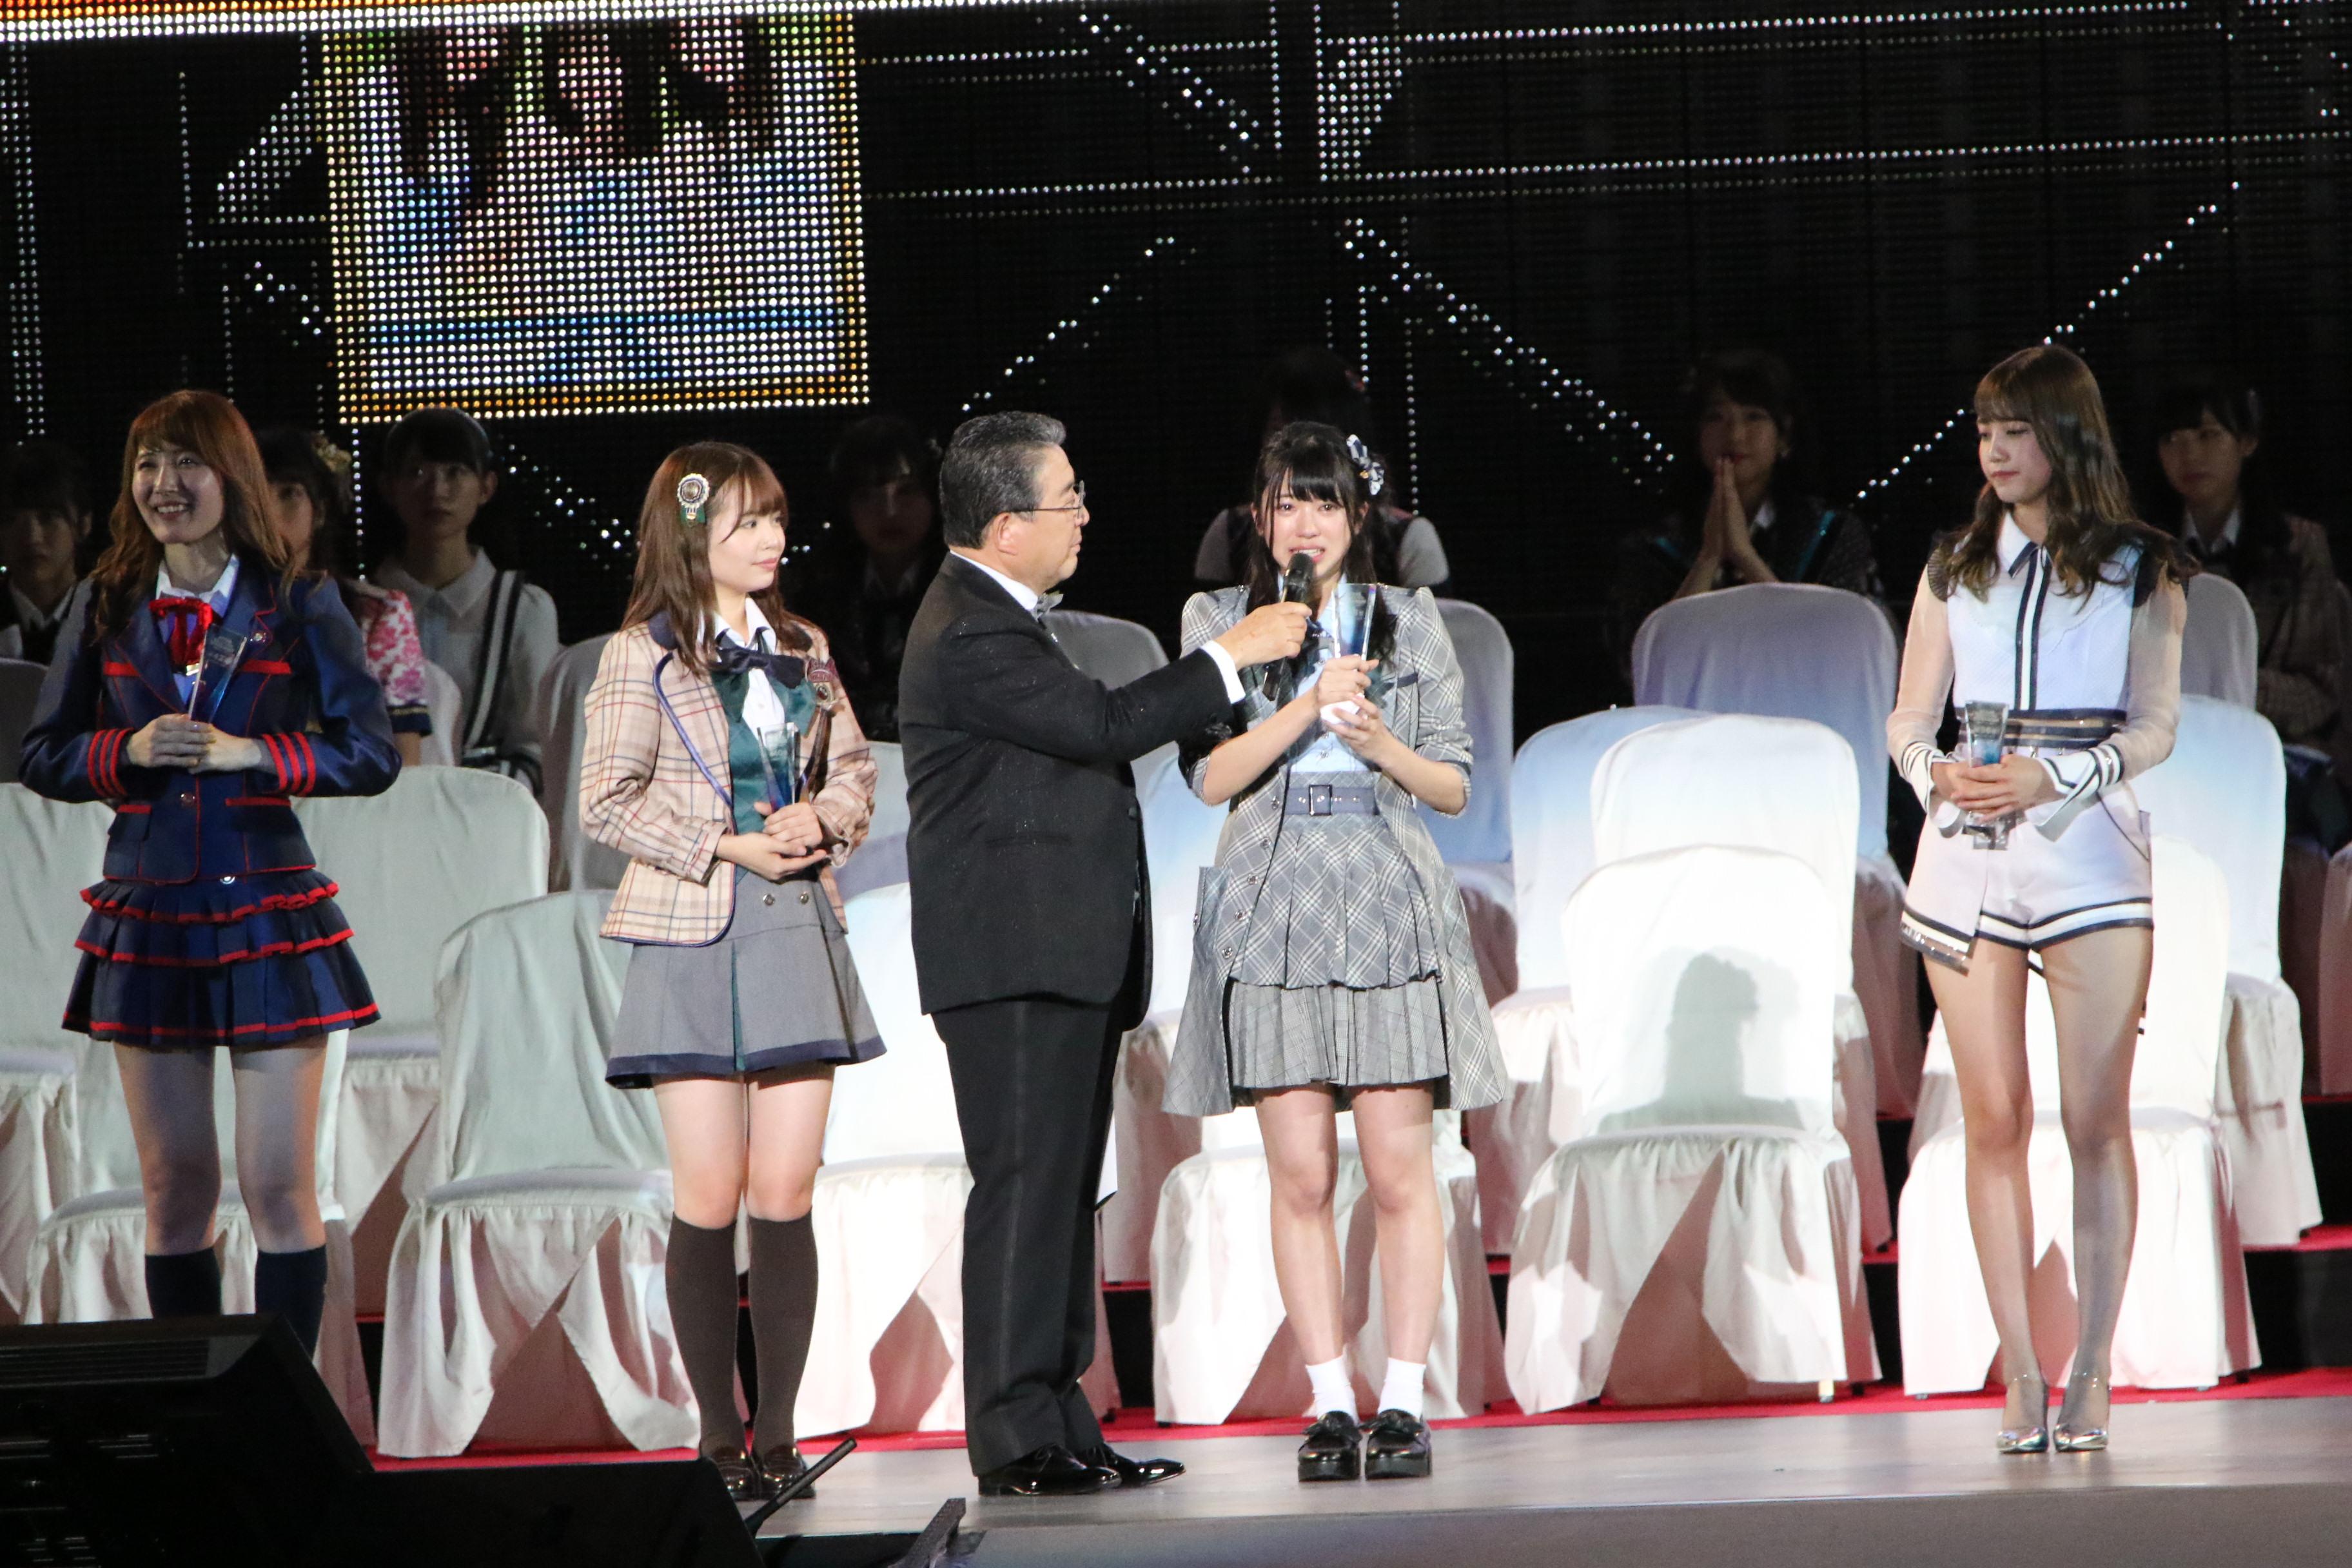 選抜総選挙のステージでの大西桃香「これからもチーム8をひっぱっていける存在になりたいです」